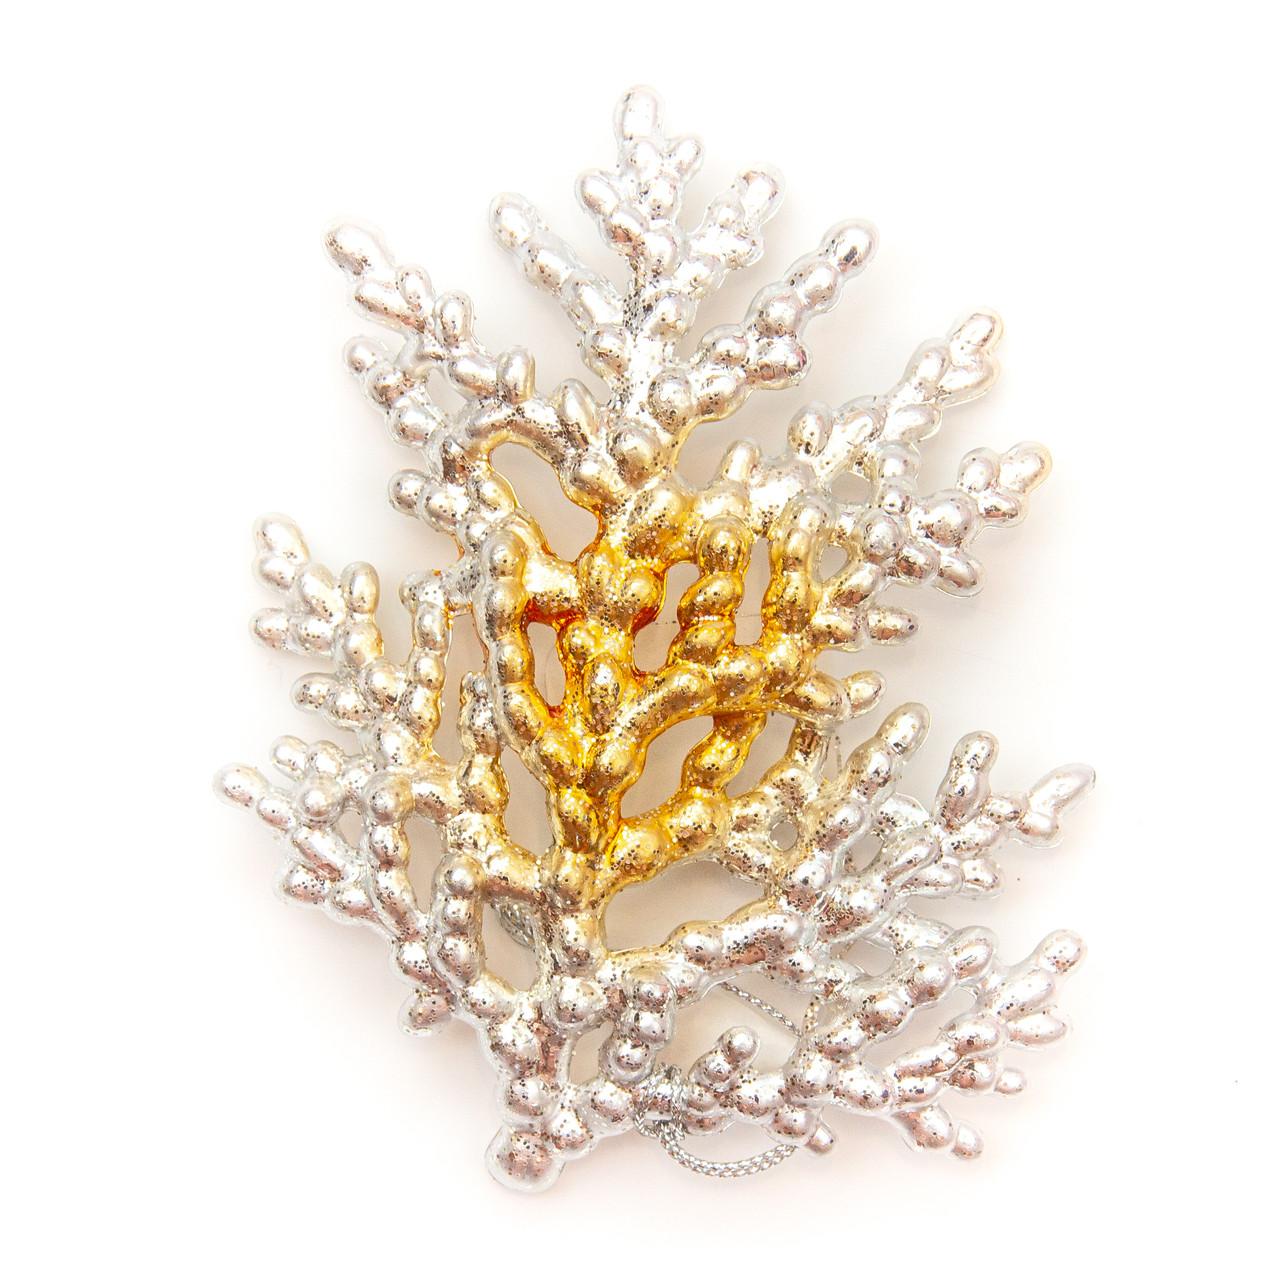 Елочное украшение Коралл, золото, 12 см ( 110827)